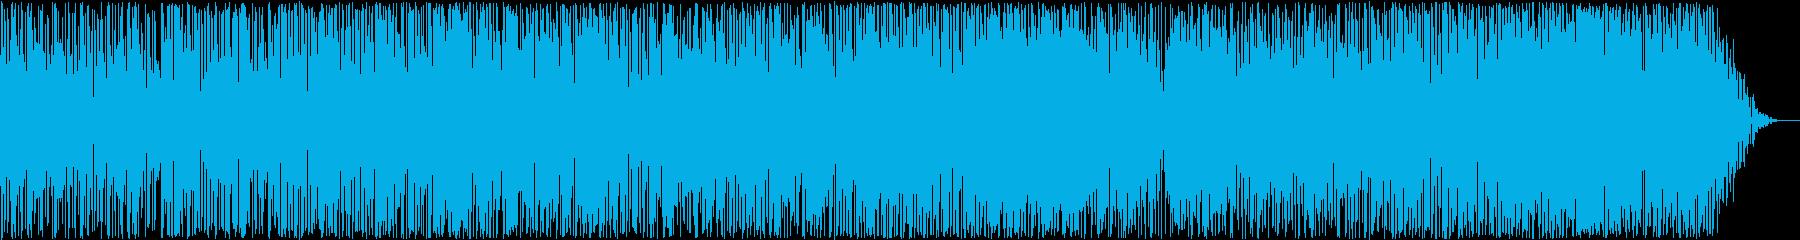 ニューオーリンズムードのライトジャ...の再生済みの波形